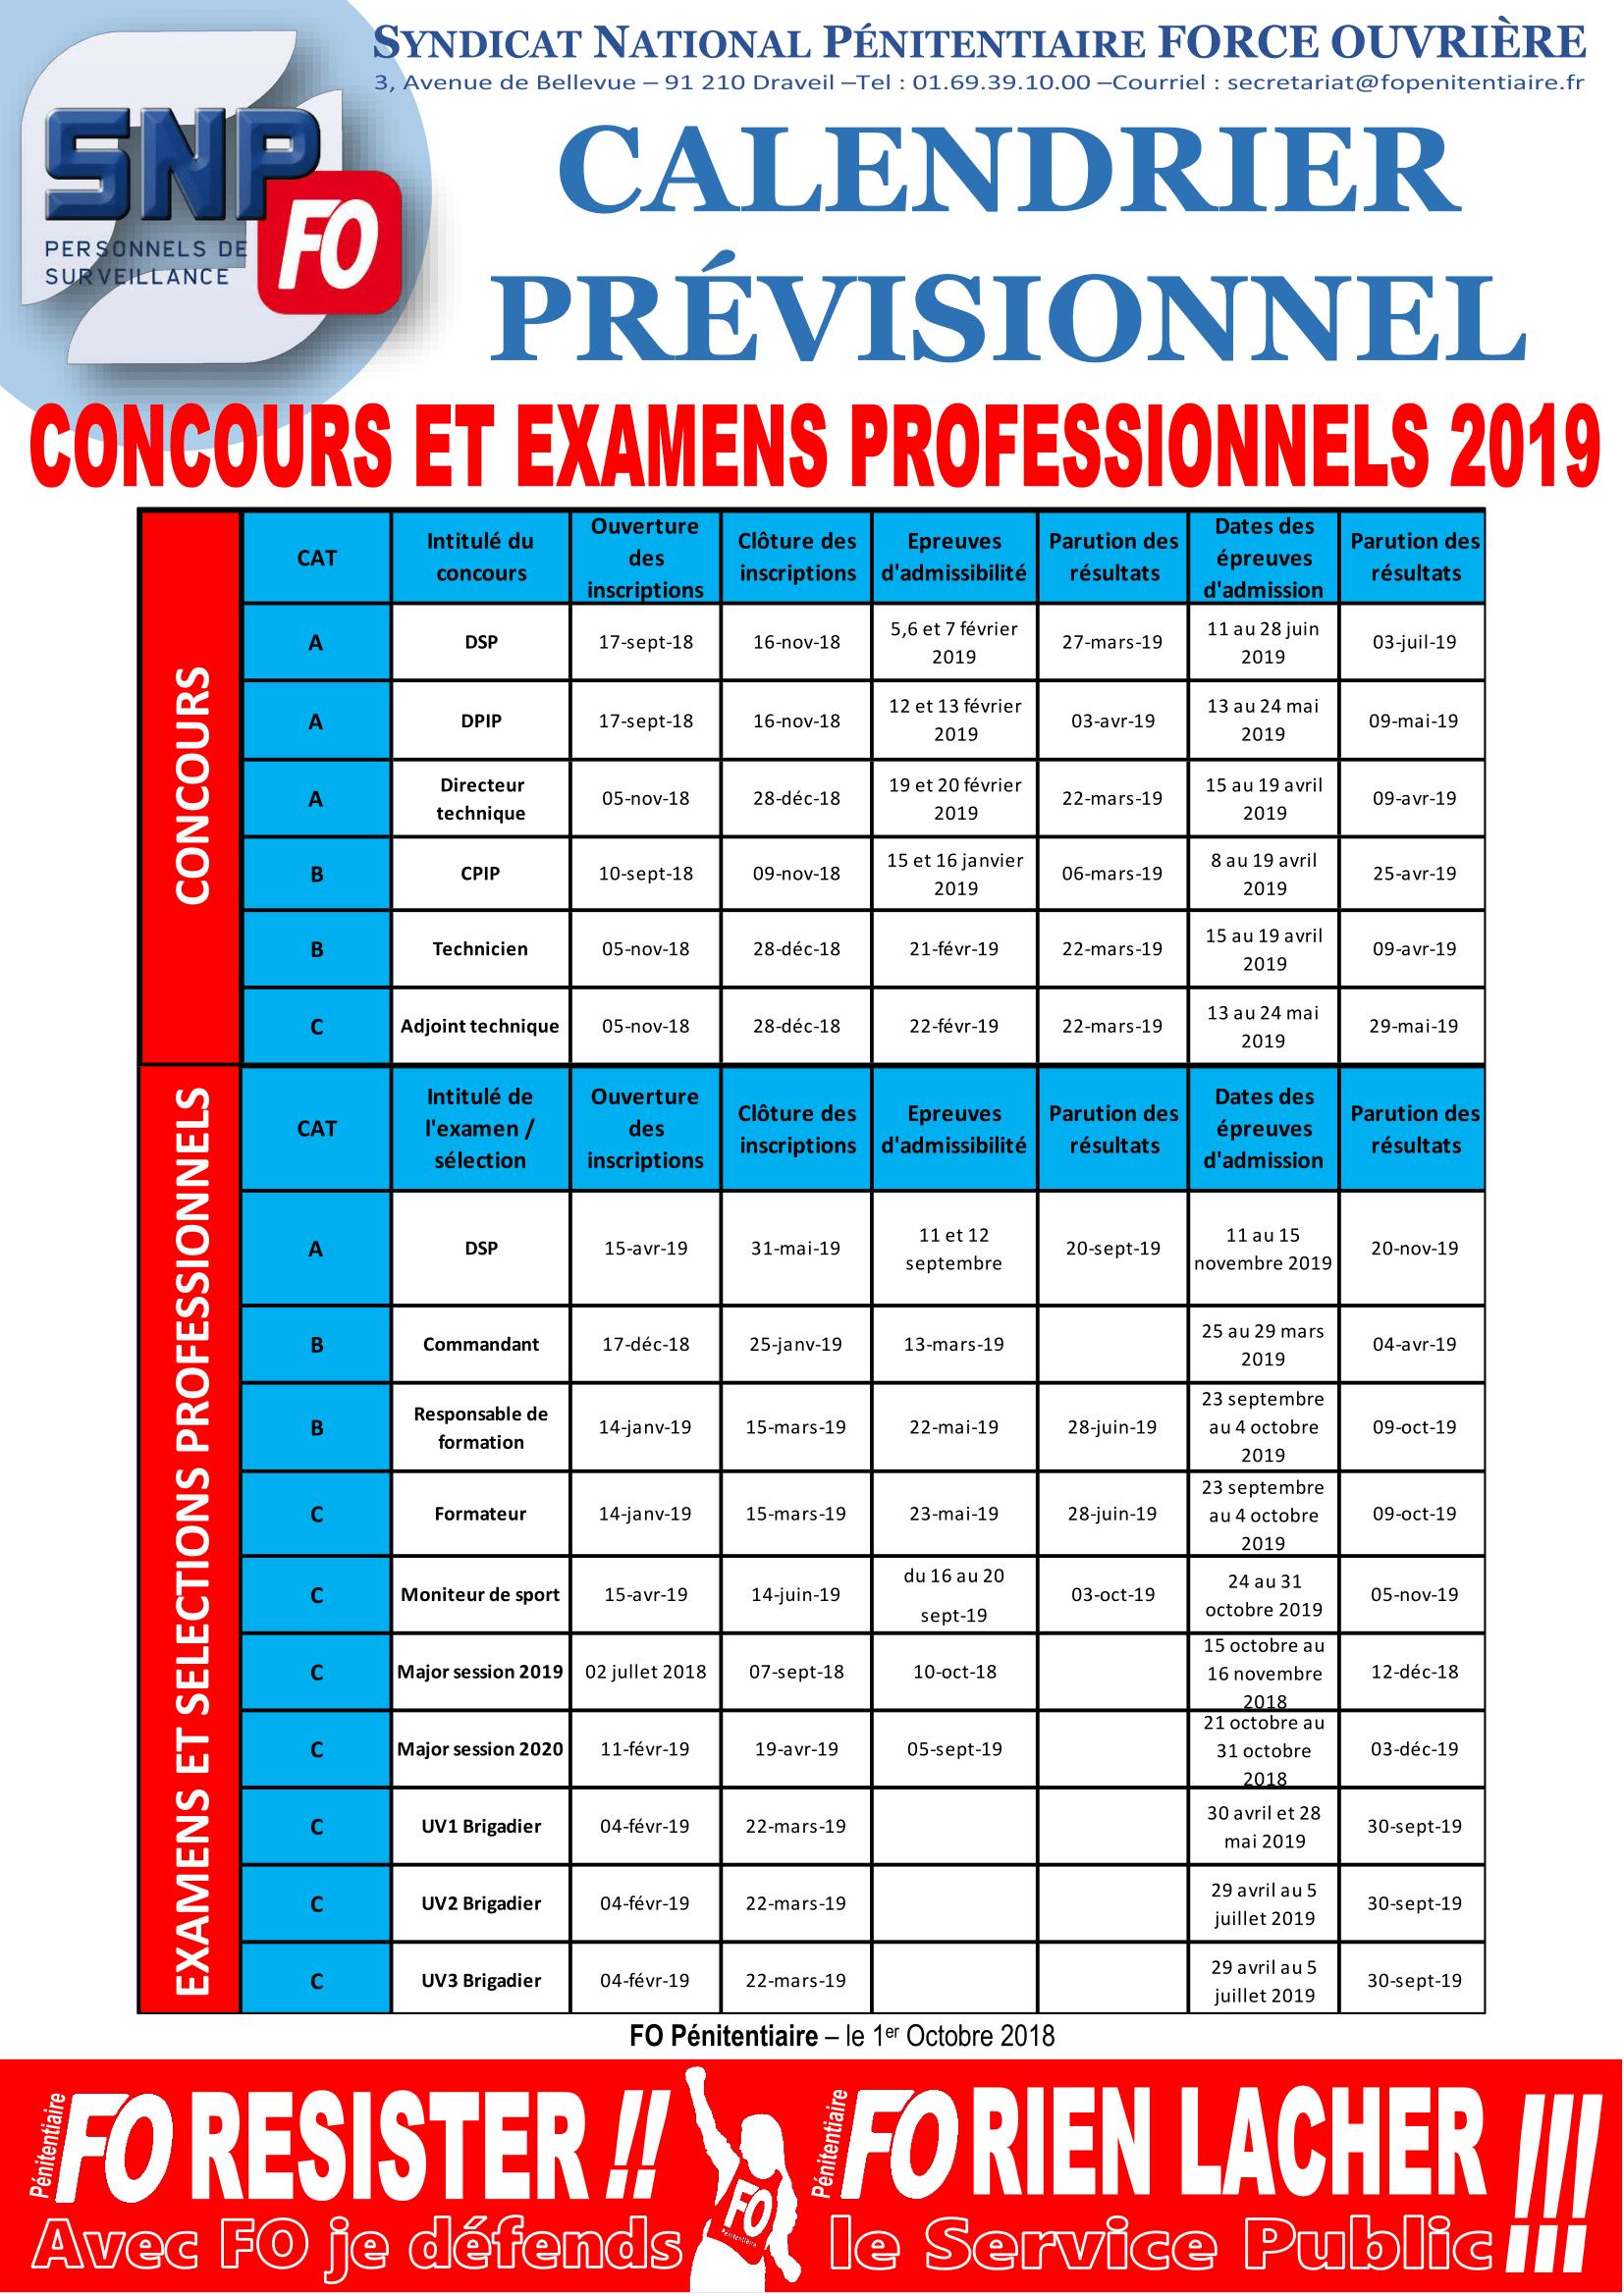 20181001 - Communiqué National - Calendrier prévisionnel des concours et examens professionnels 2019-1